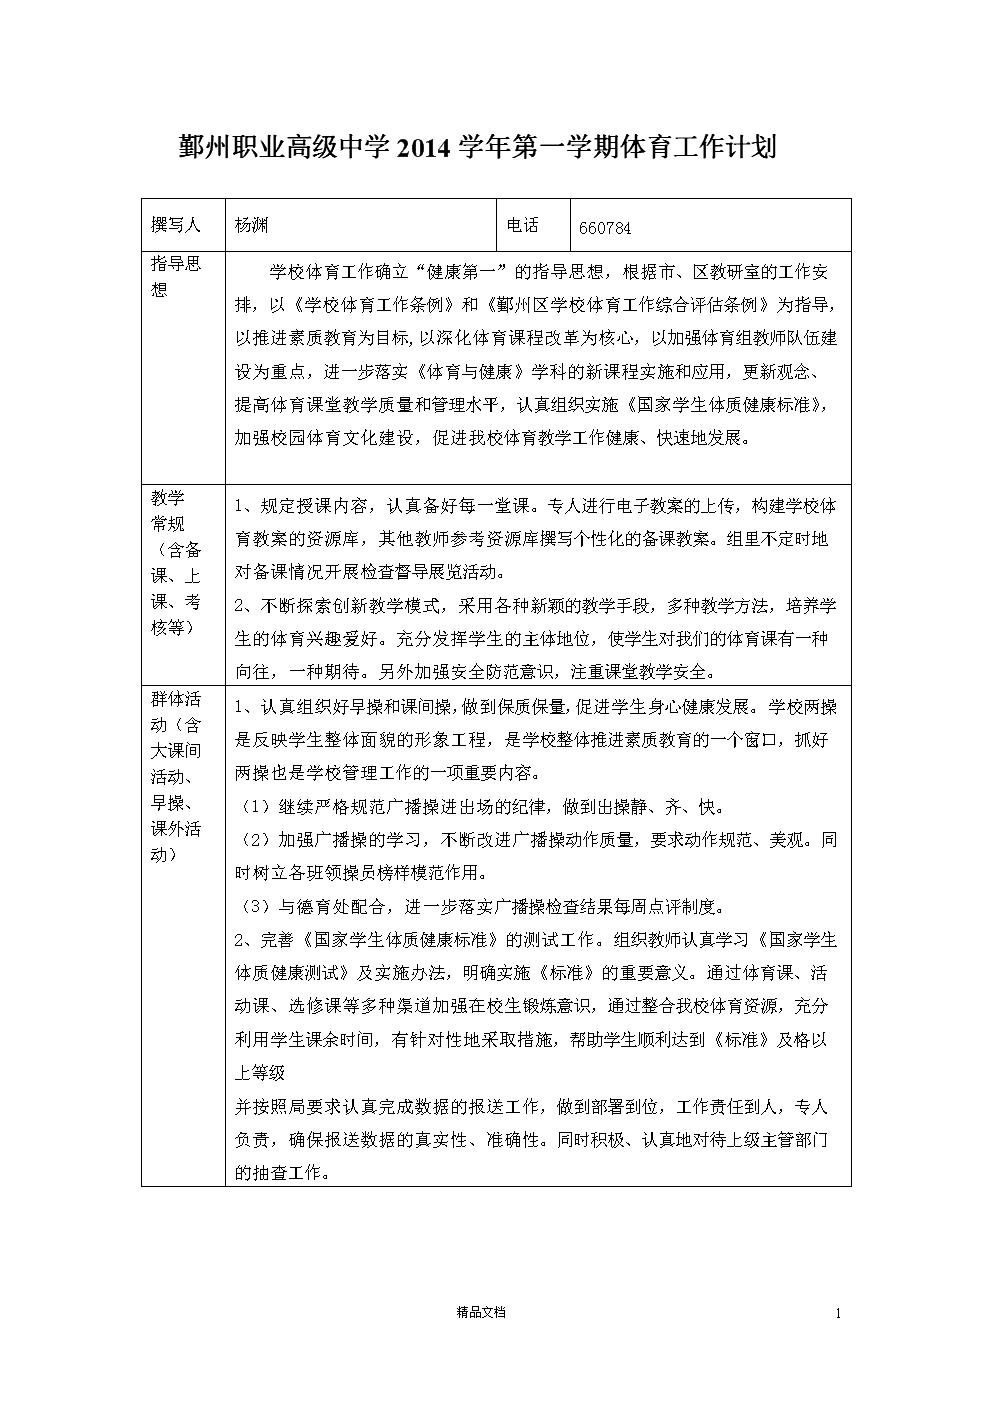 2014学年第一学期教研组工作计划-体艺组.doc